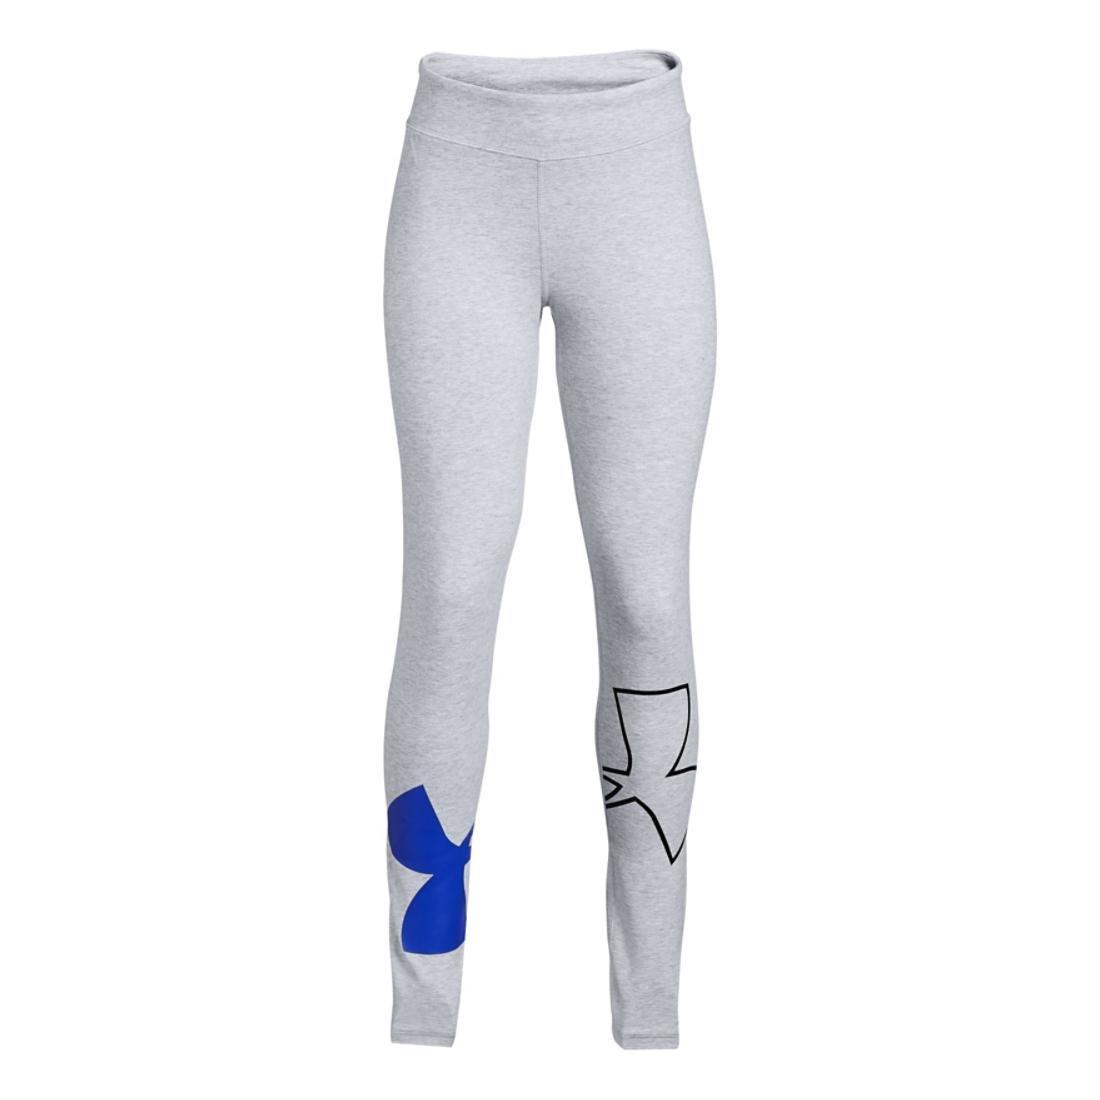 10acf3efa8caa Amazon.com : Under Armour Girls Favorite Knit Legging : Clothing